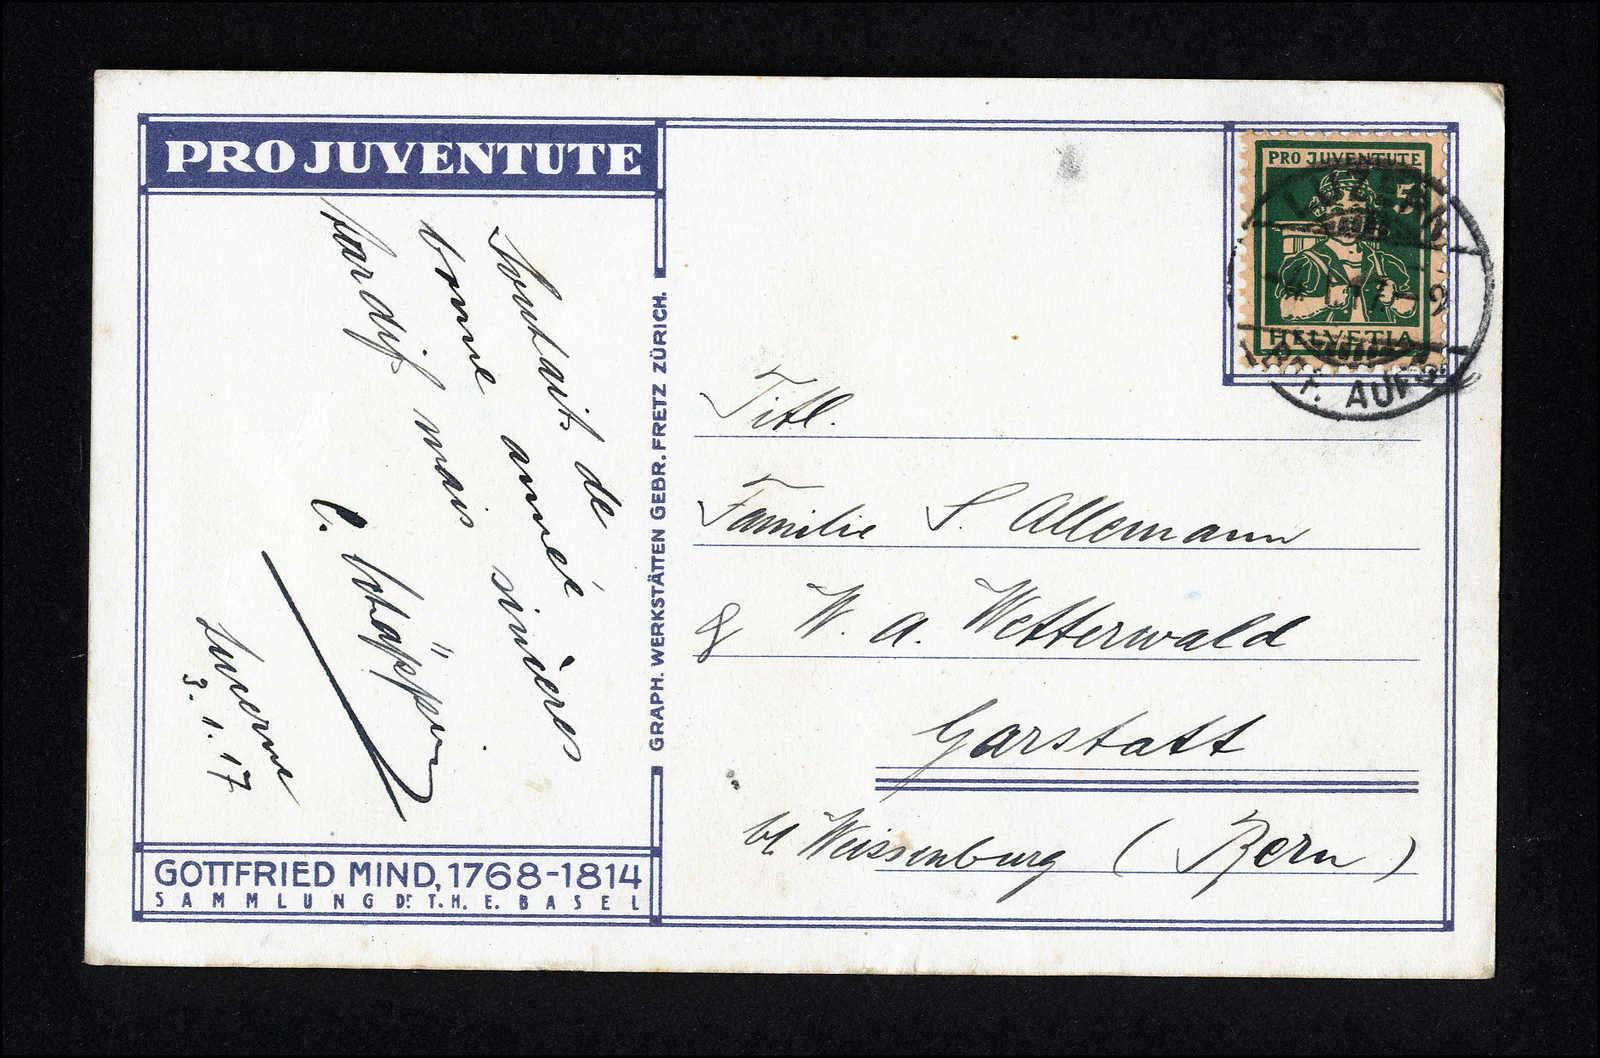 Lot 202 - schweiz schweiz pro juventute -  Rolli Auctions Auction #68 Day 1